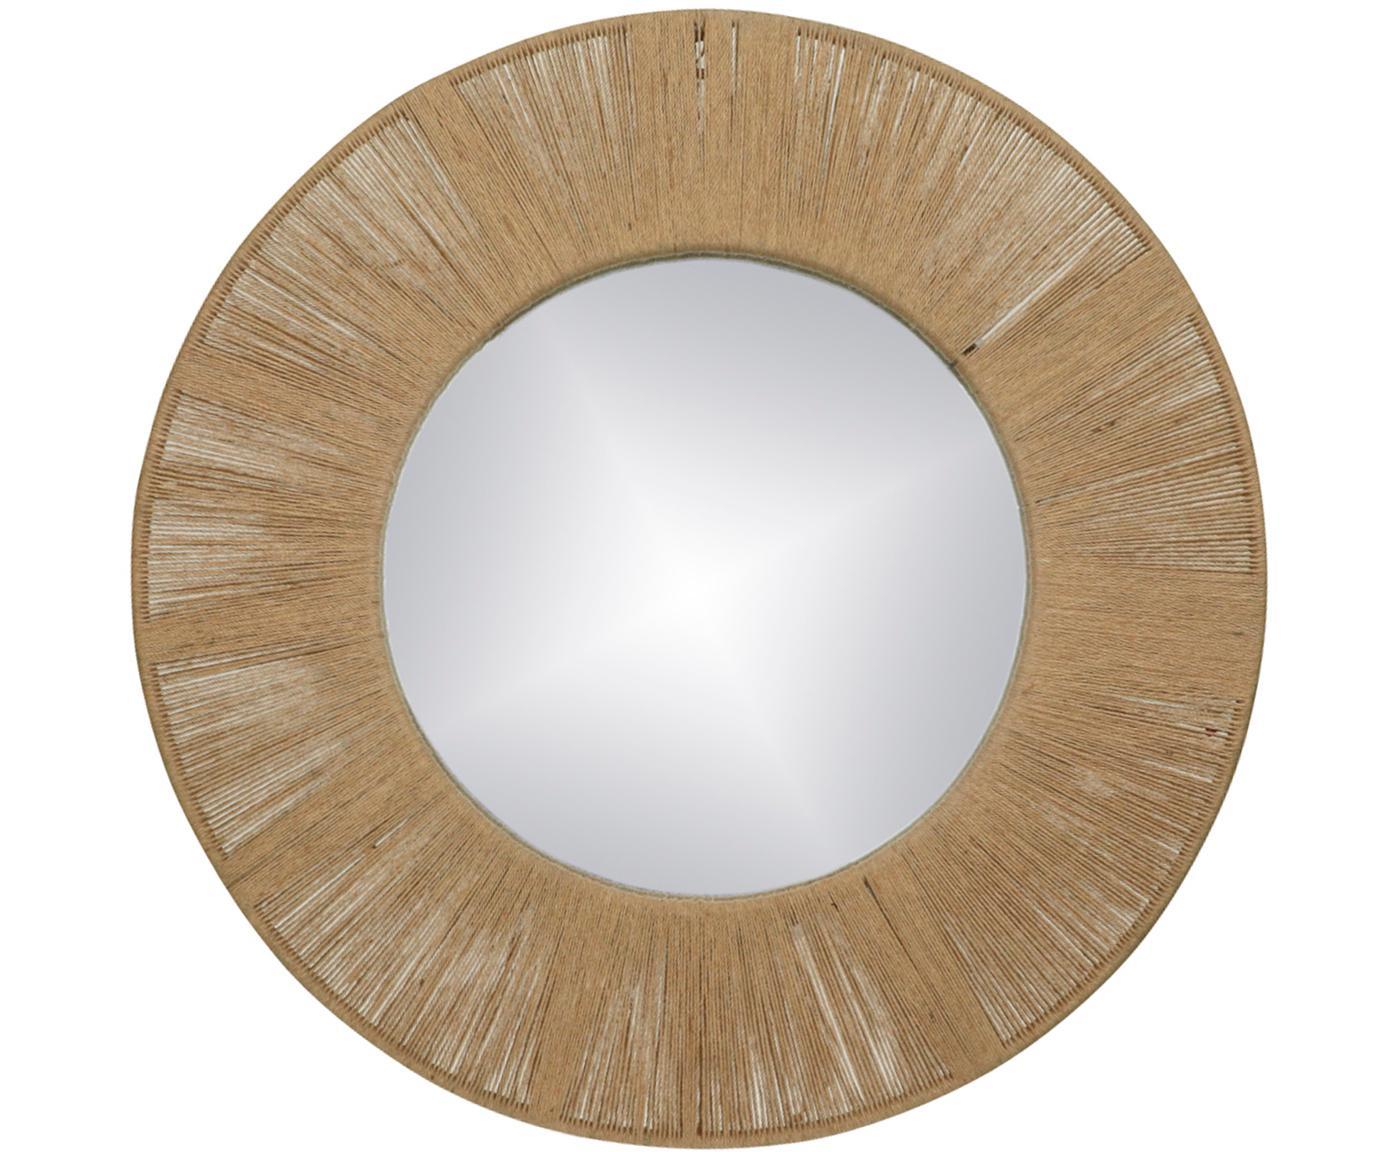 Espejo de pared redondo Finesse, con marco de fibras naturales, Espejo: espejo de cristal, Marrón, Ø 50 cm